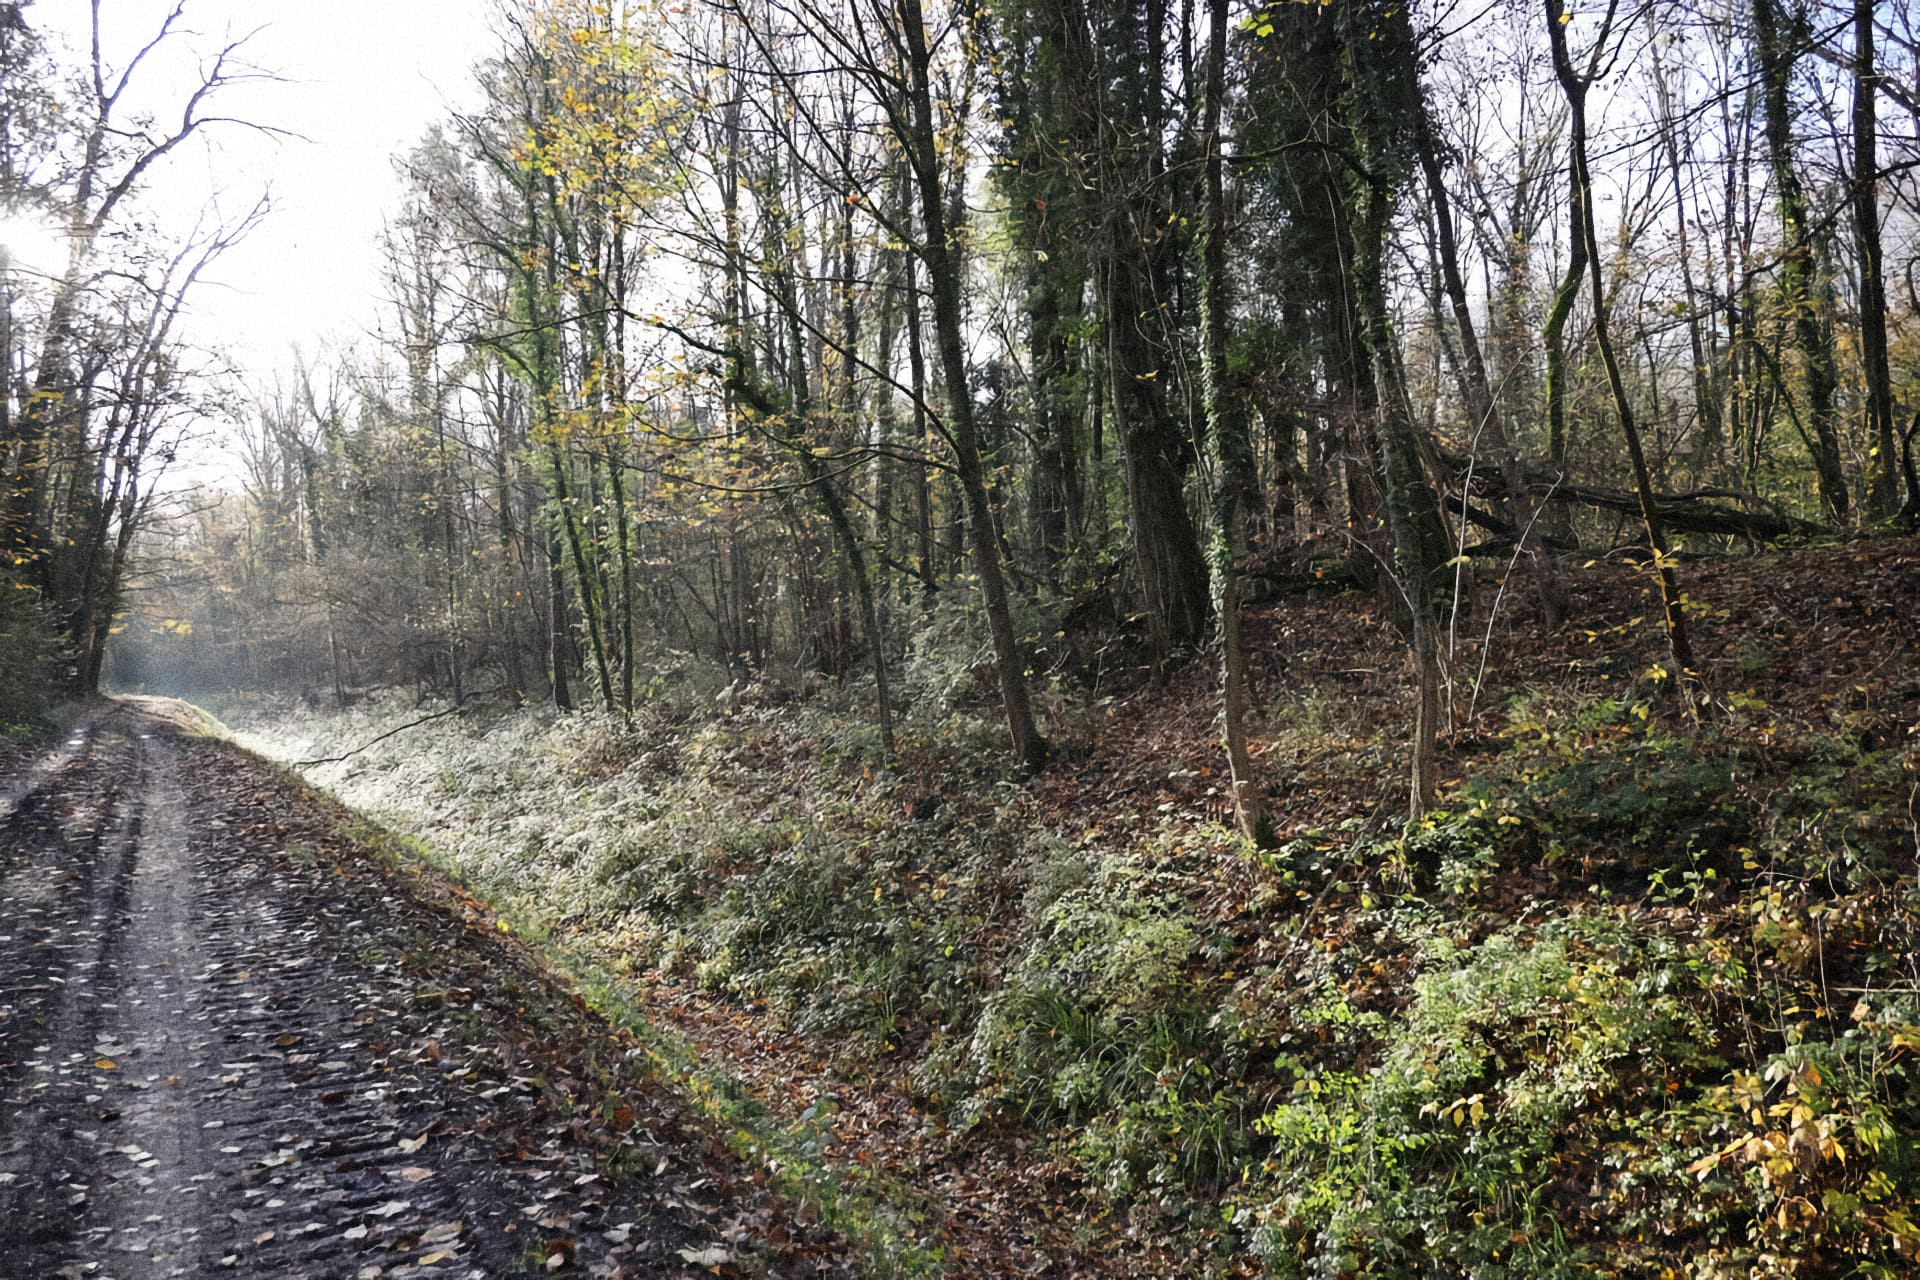 sentier dans le bois de Gelinot